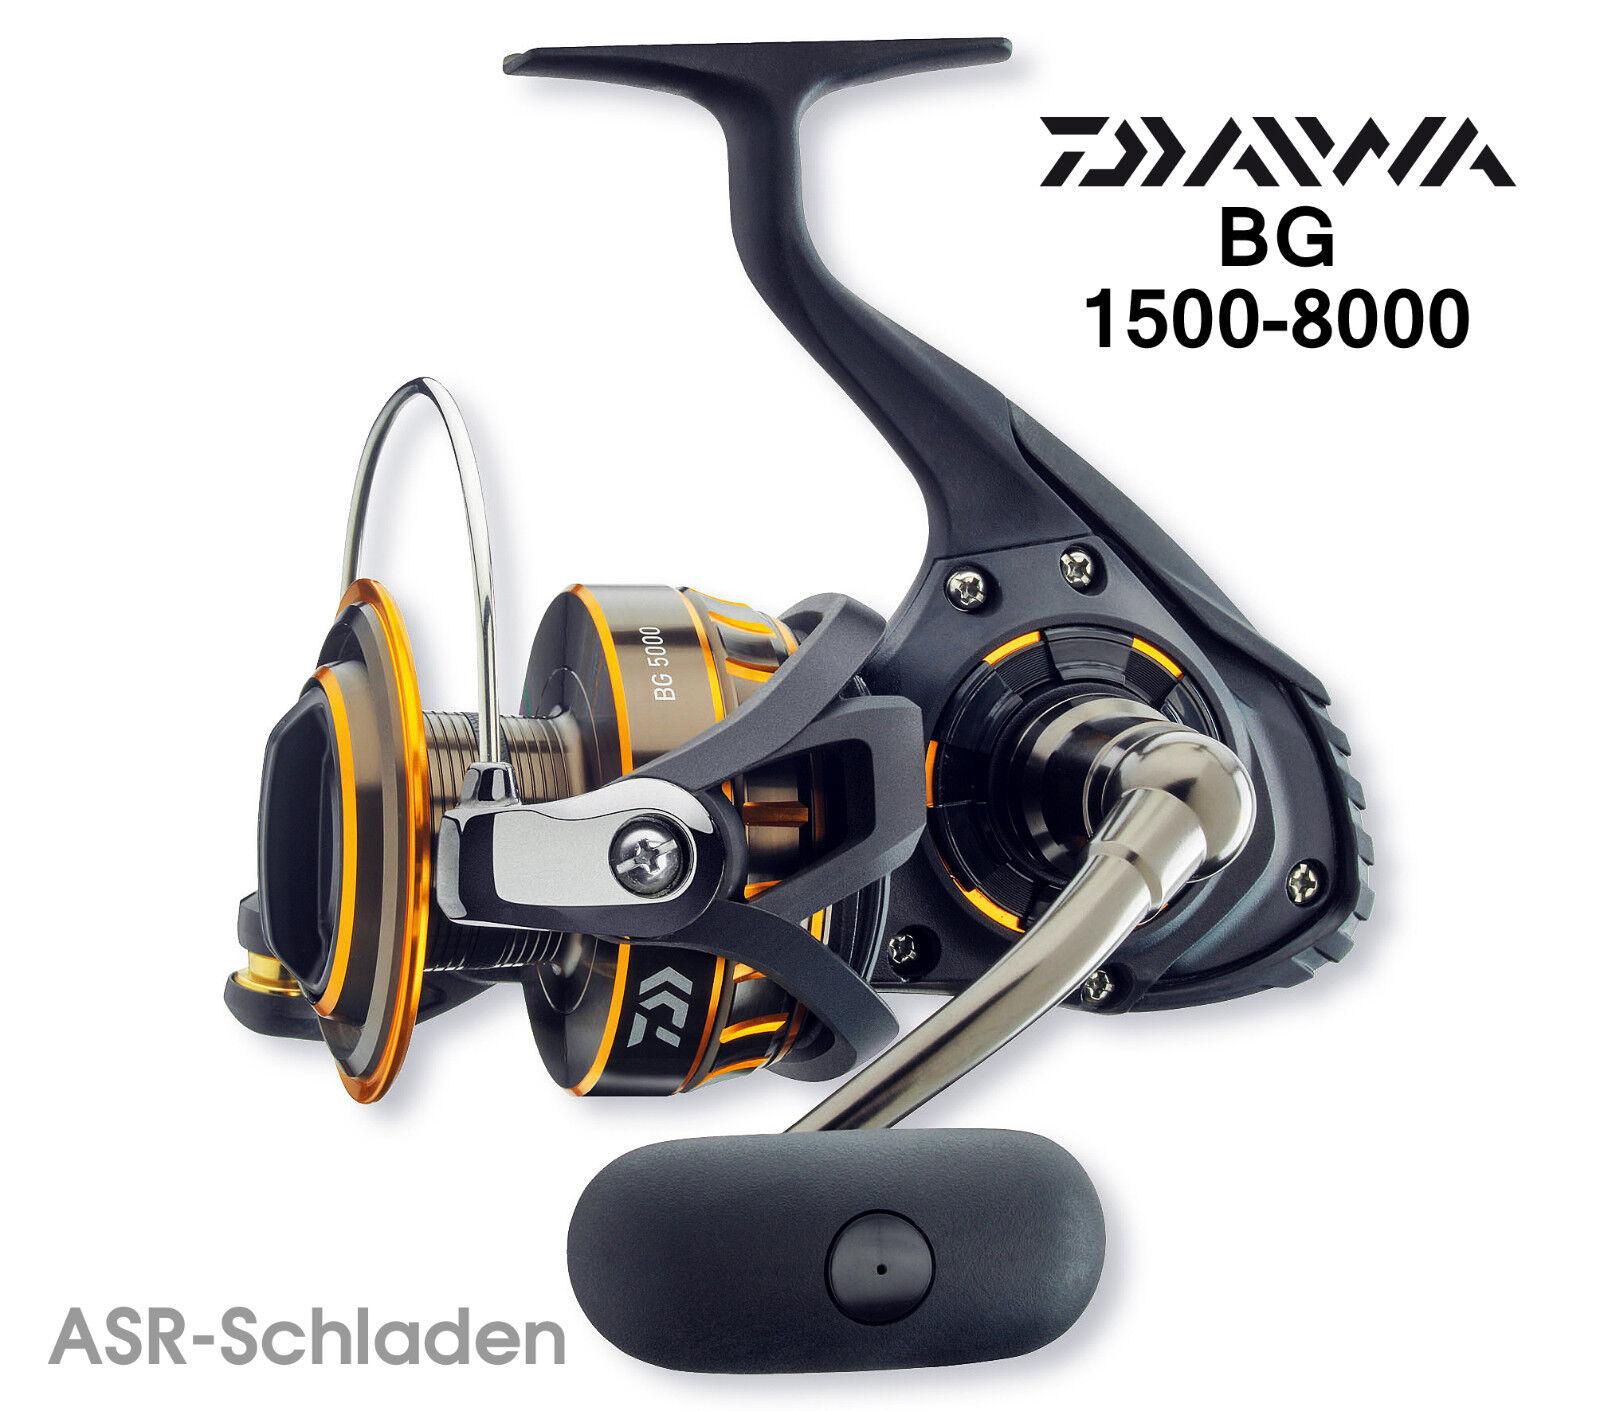 Daiwa BG -  Stationärrolle - 1500/2000/2500/3000/3500/4000/4500/5000/6500/8000 1500/2000/2500/3000/3500/4000/4500/5000/6500/8000 - 2ab865